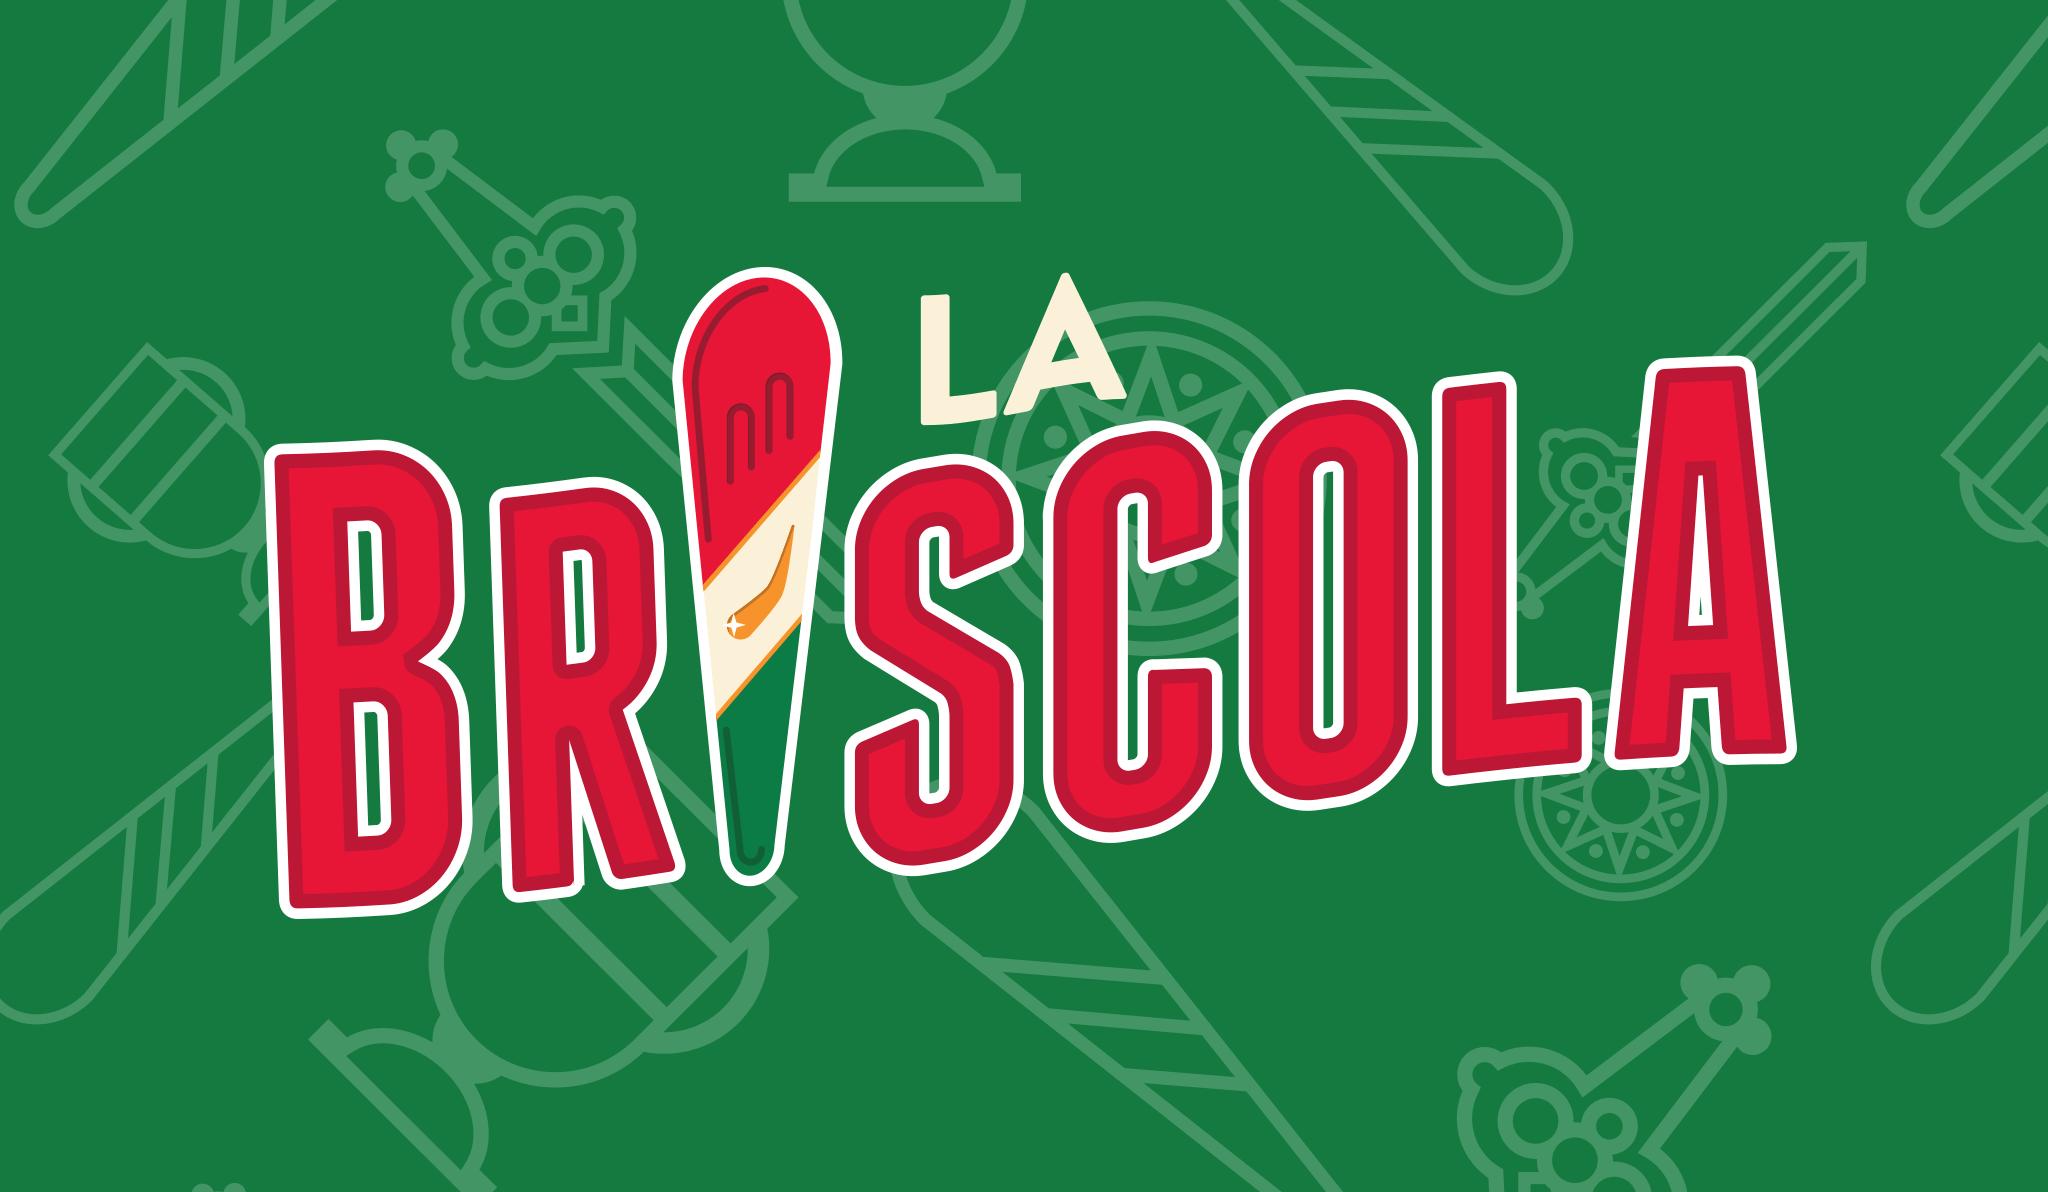 Briscola stars online gratis